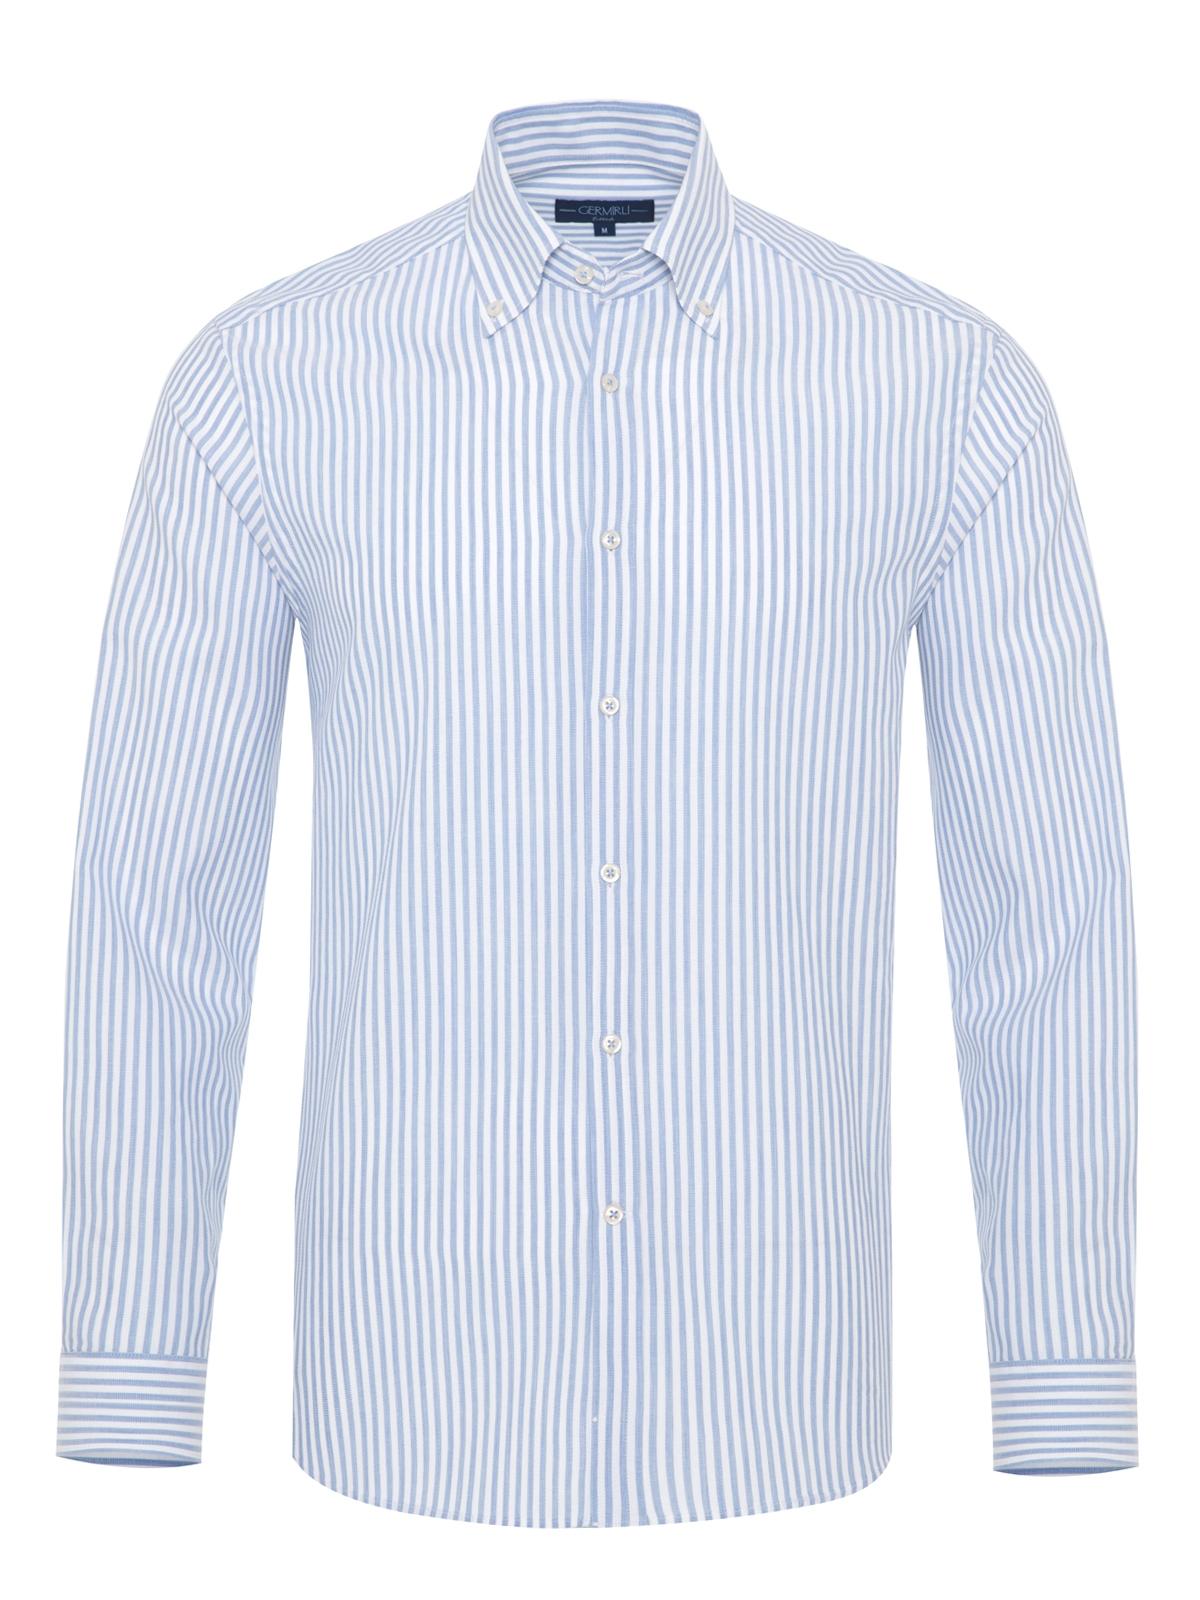 Germirli - Germirli Beyaz Mavi Petek Doku Çizgili Düğmeli Yaka Tailor Fit Gömlek